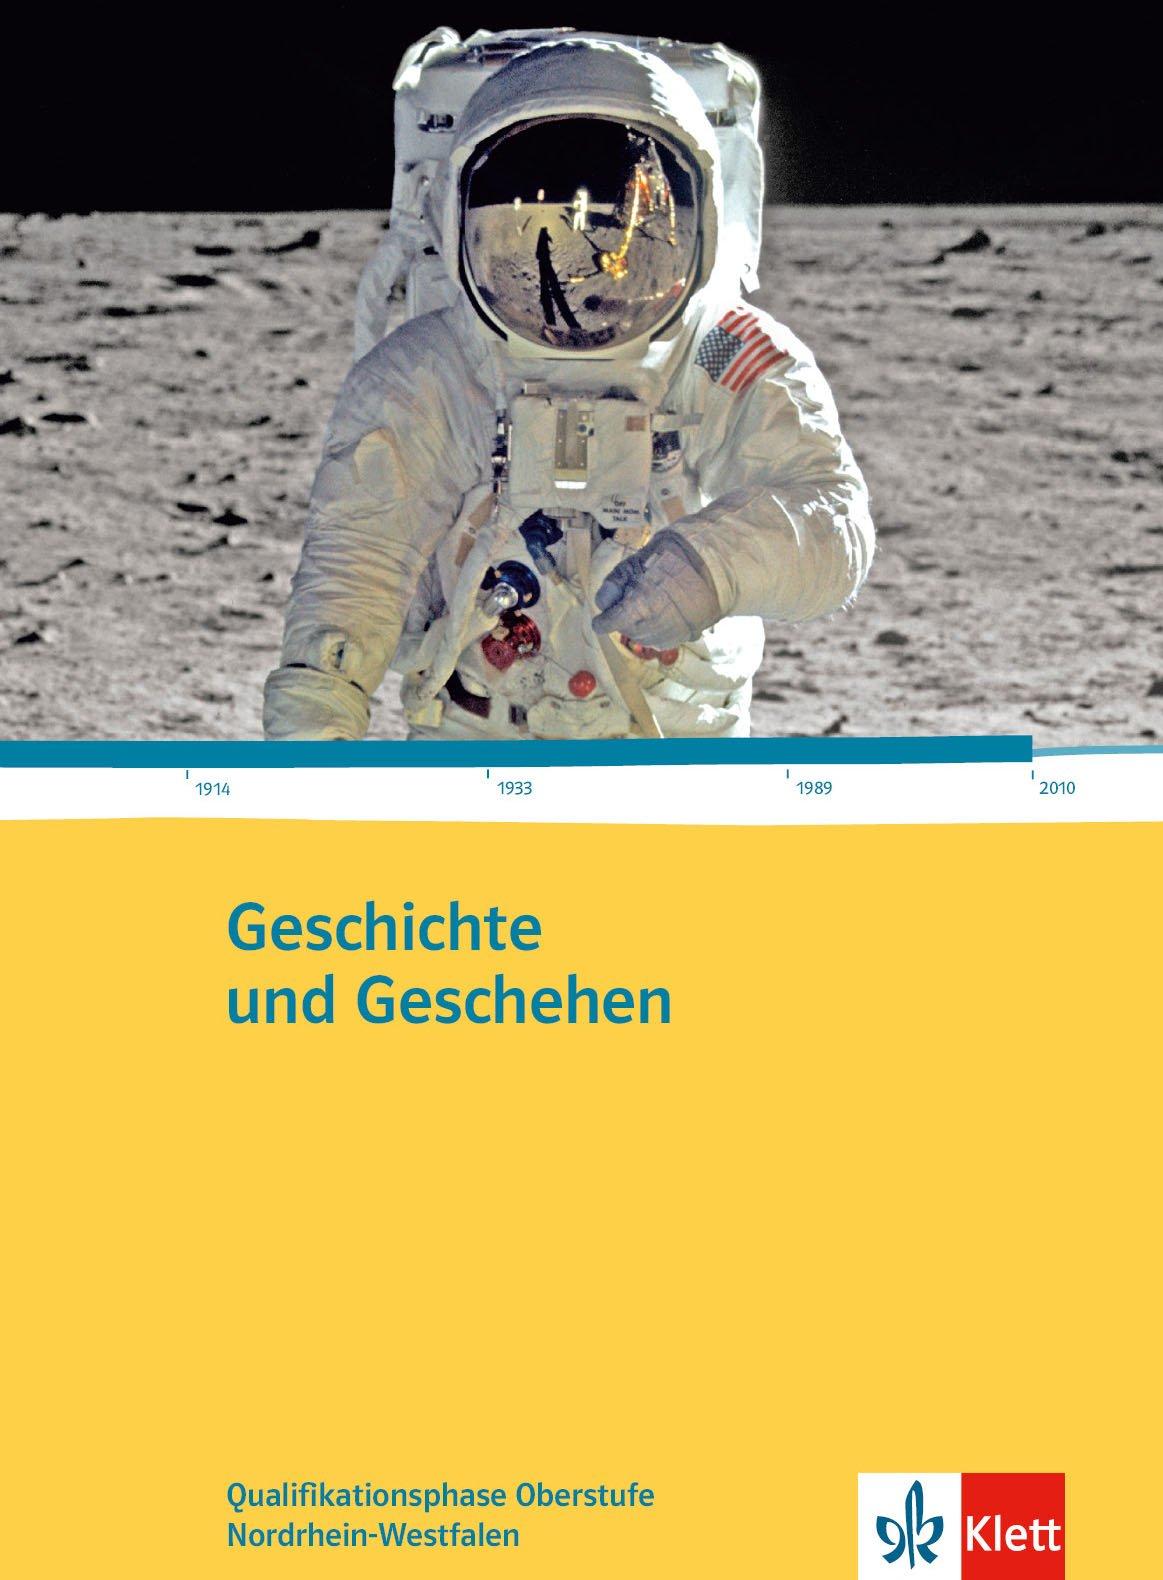 Geschichte und Geschehen - Qualifikationsphase Oberstufe Nordrhein-Westfalen